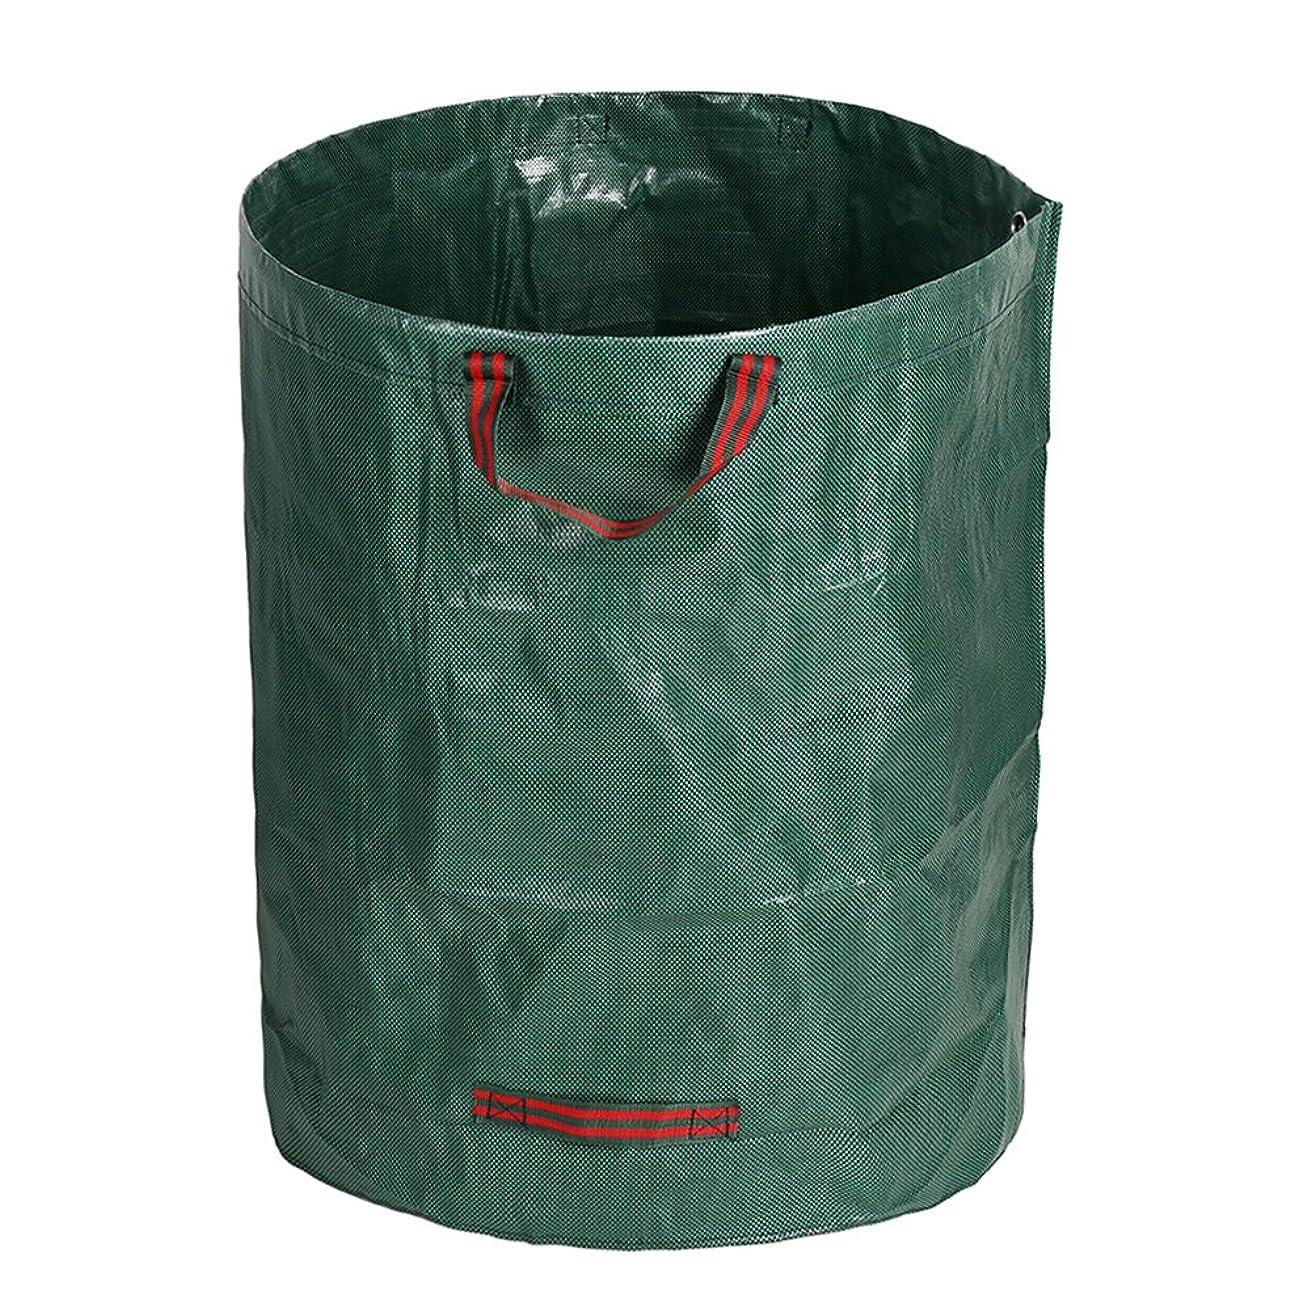 つづり助言外科医Scorpiuse1_jp ガーデンバケツ ガーデンバッグ 折り畳み 収穫袋 自立式 直径67cm 深さ76㎝ 超大容量262L 集草バッグ お庭の清掃 収納専用バッグ